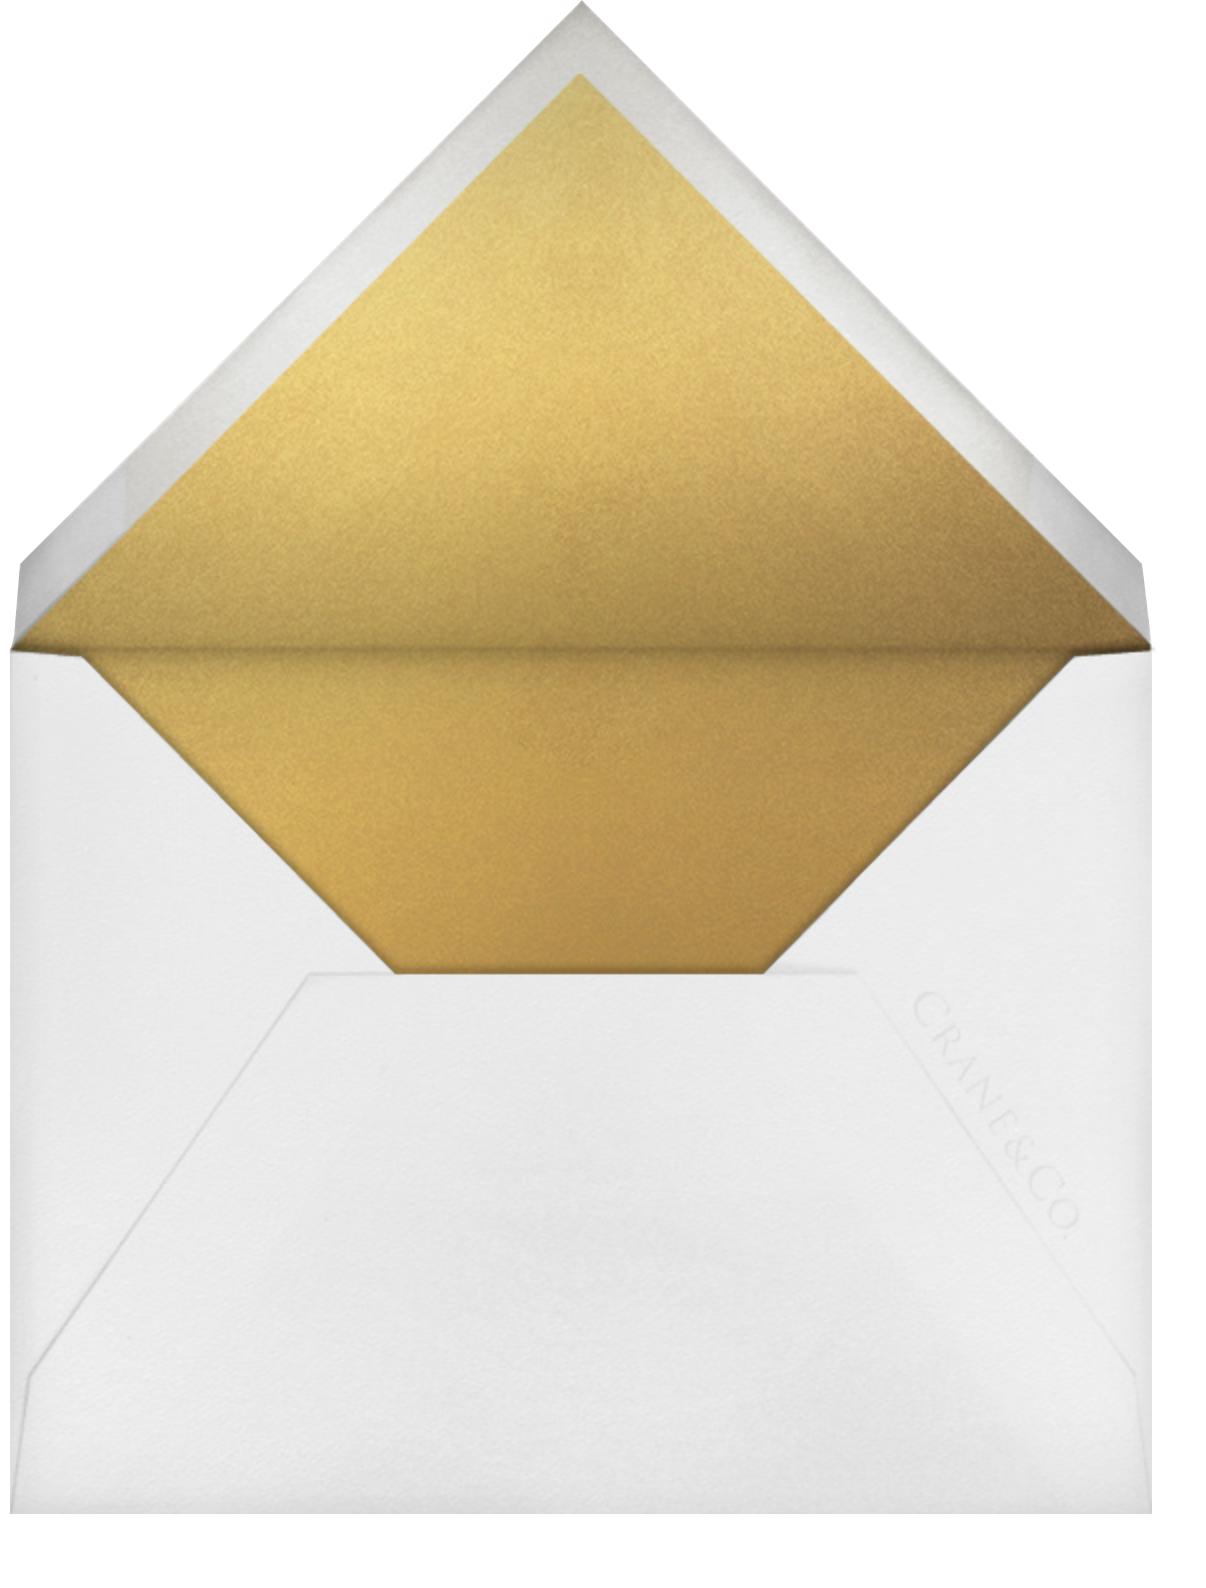 Jubilee I - Medium Gold - Kelly Wearstler - Charity and fundraiser  - envelope back